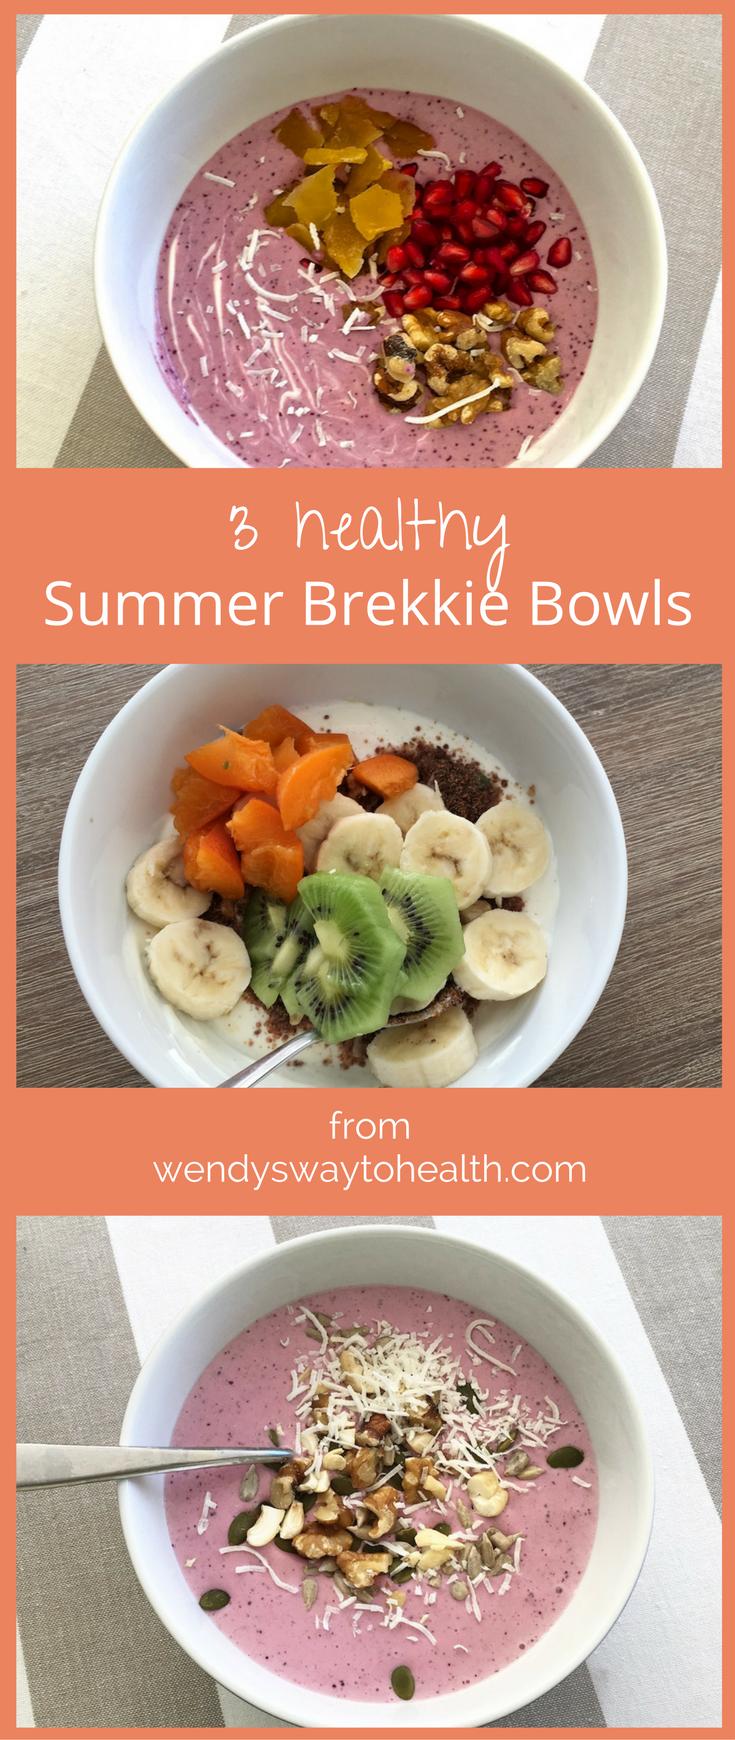 Wendy's Way Summer Brekkie Bowls – such a great way to start the day!